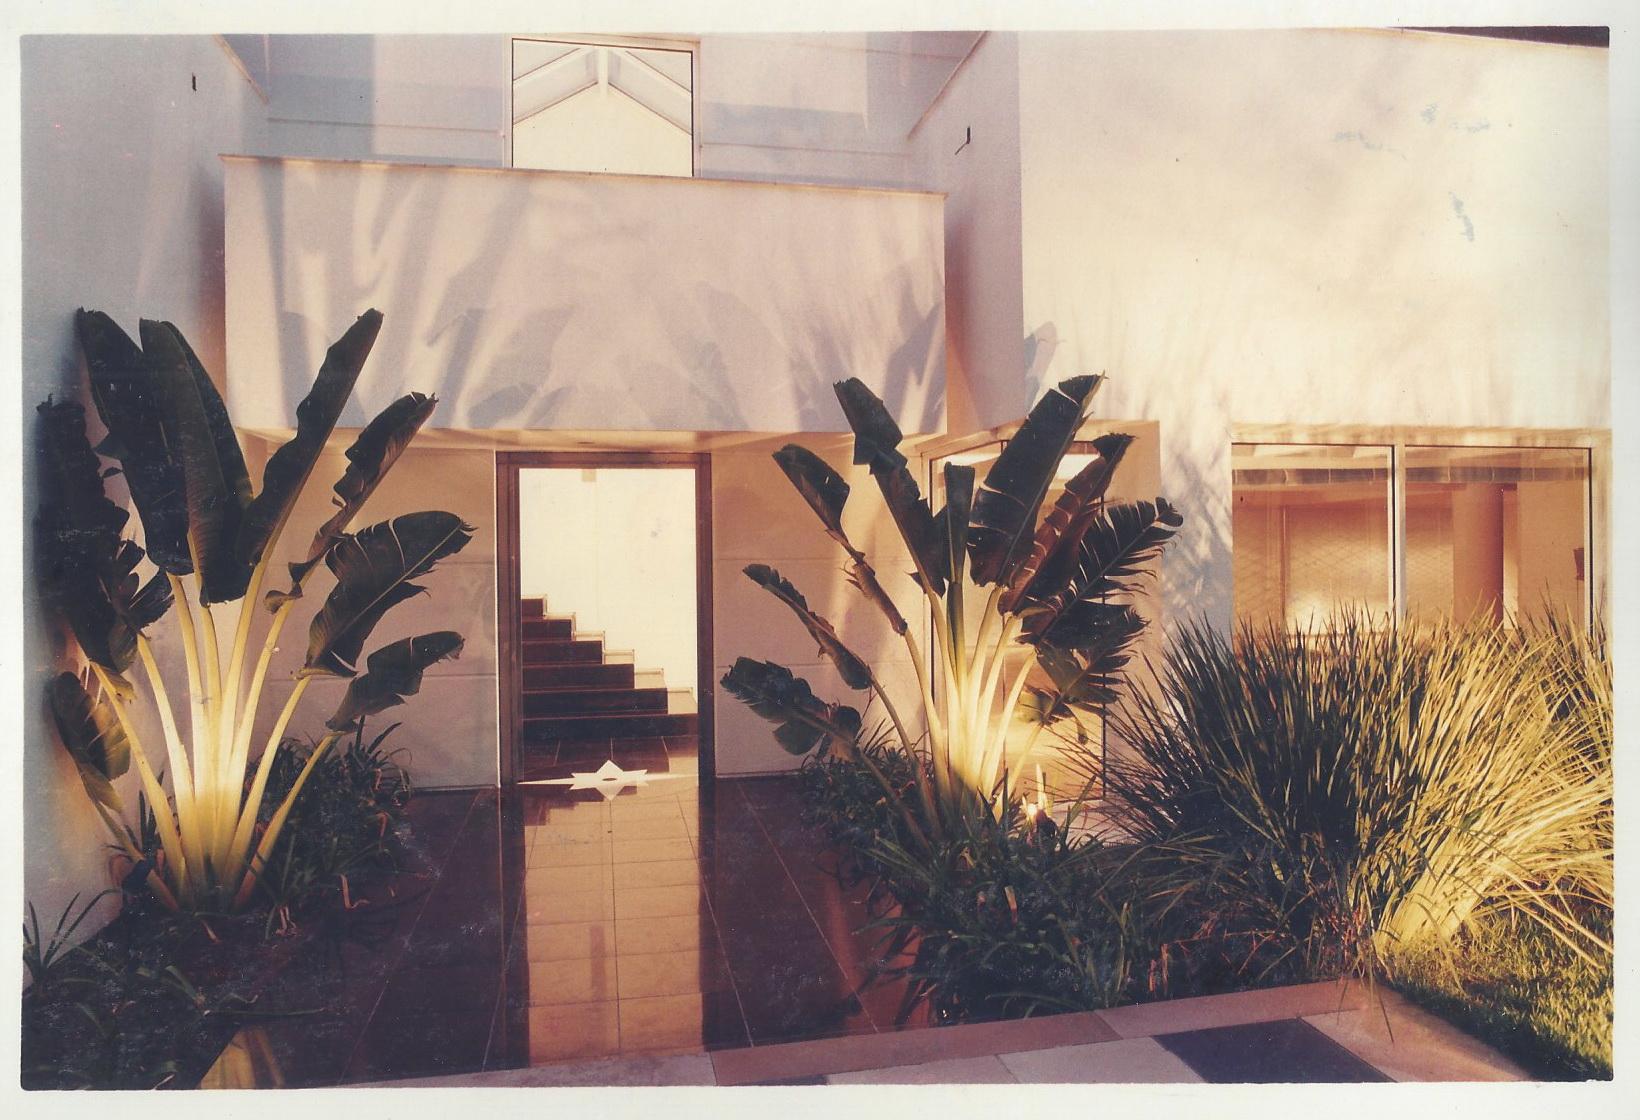 Jardim residencial -iluminação a noite Foto: Eneida Serrano